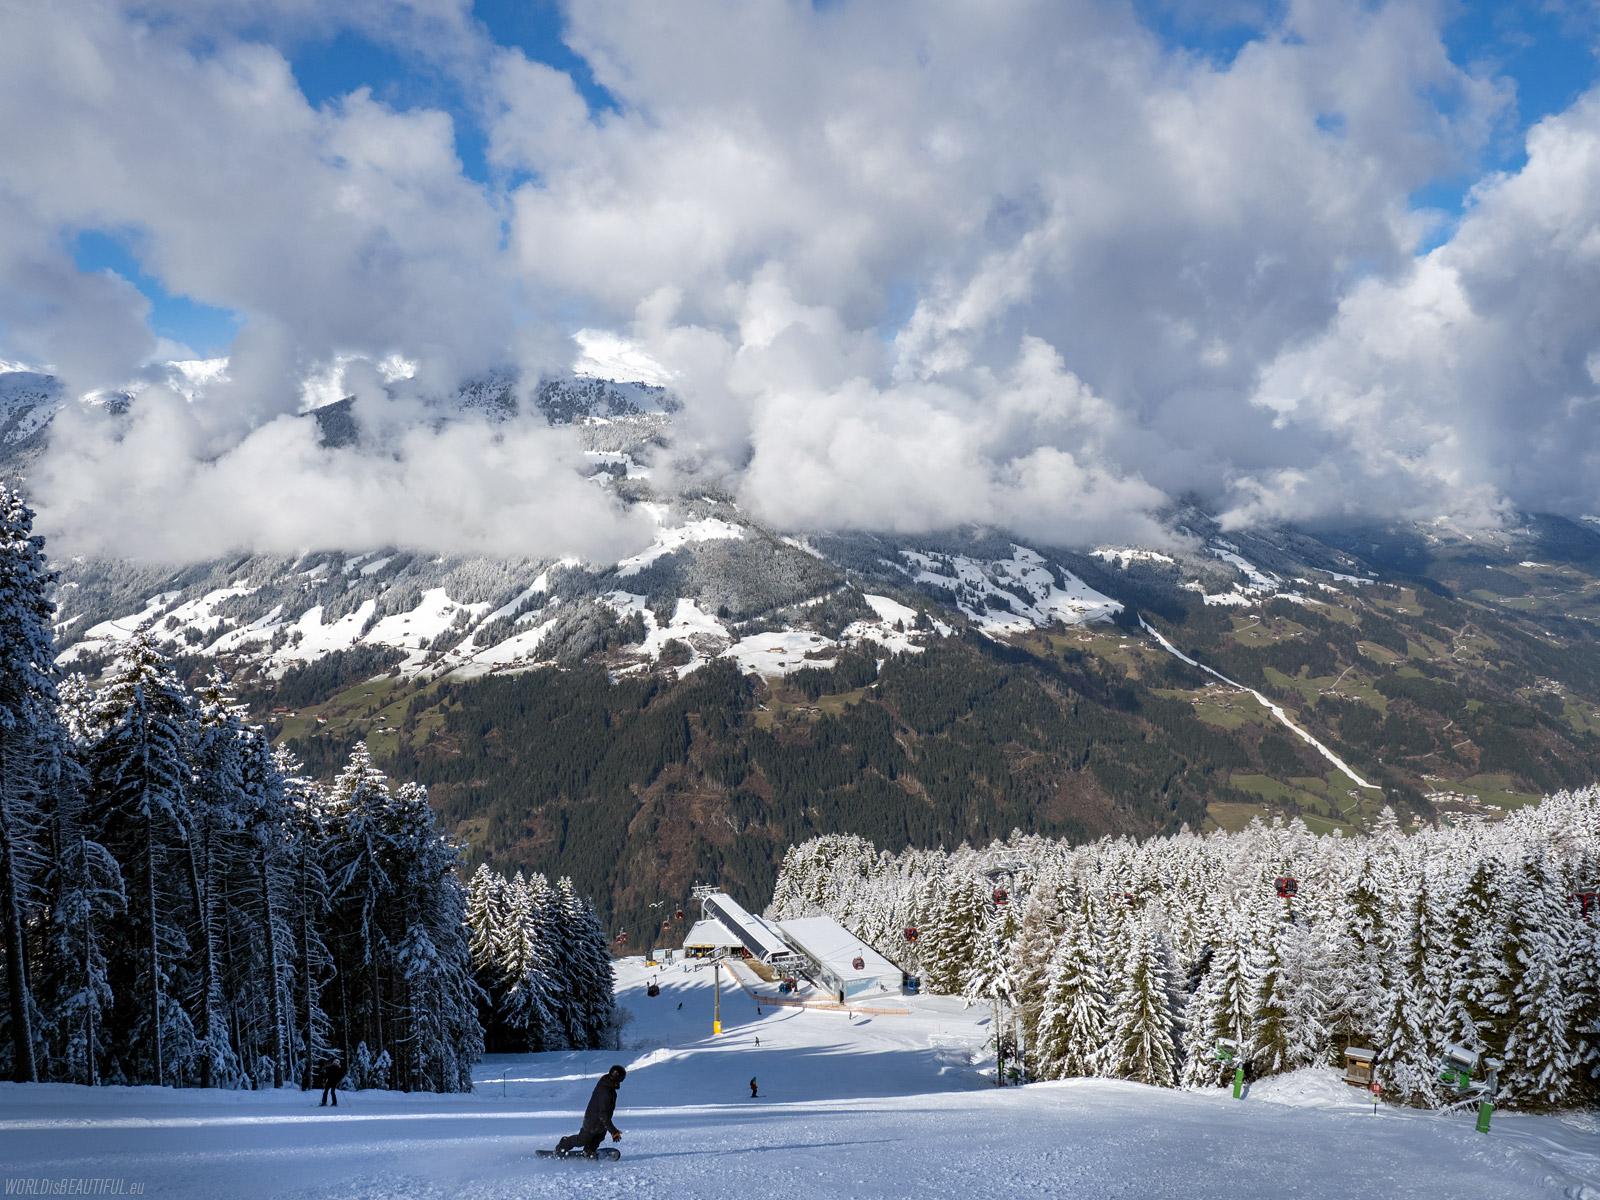 Stacja narciarska w Austrii